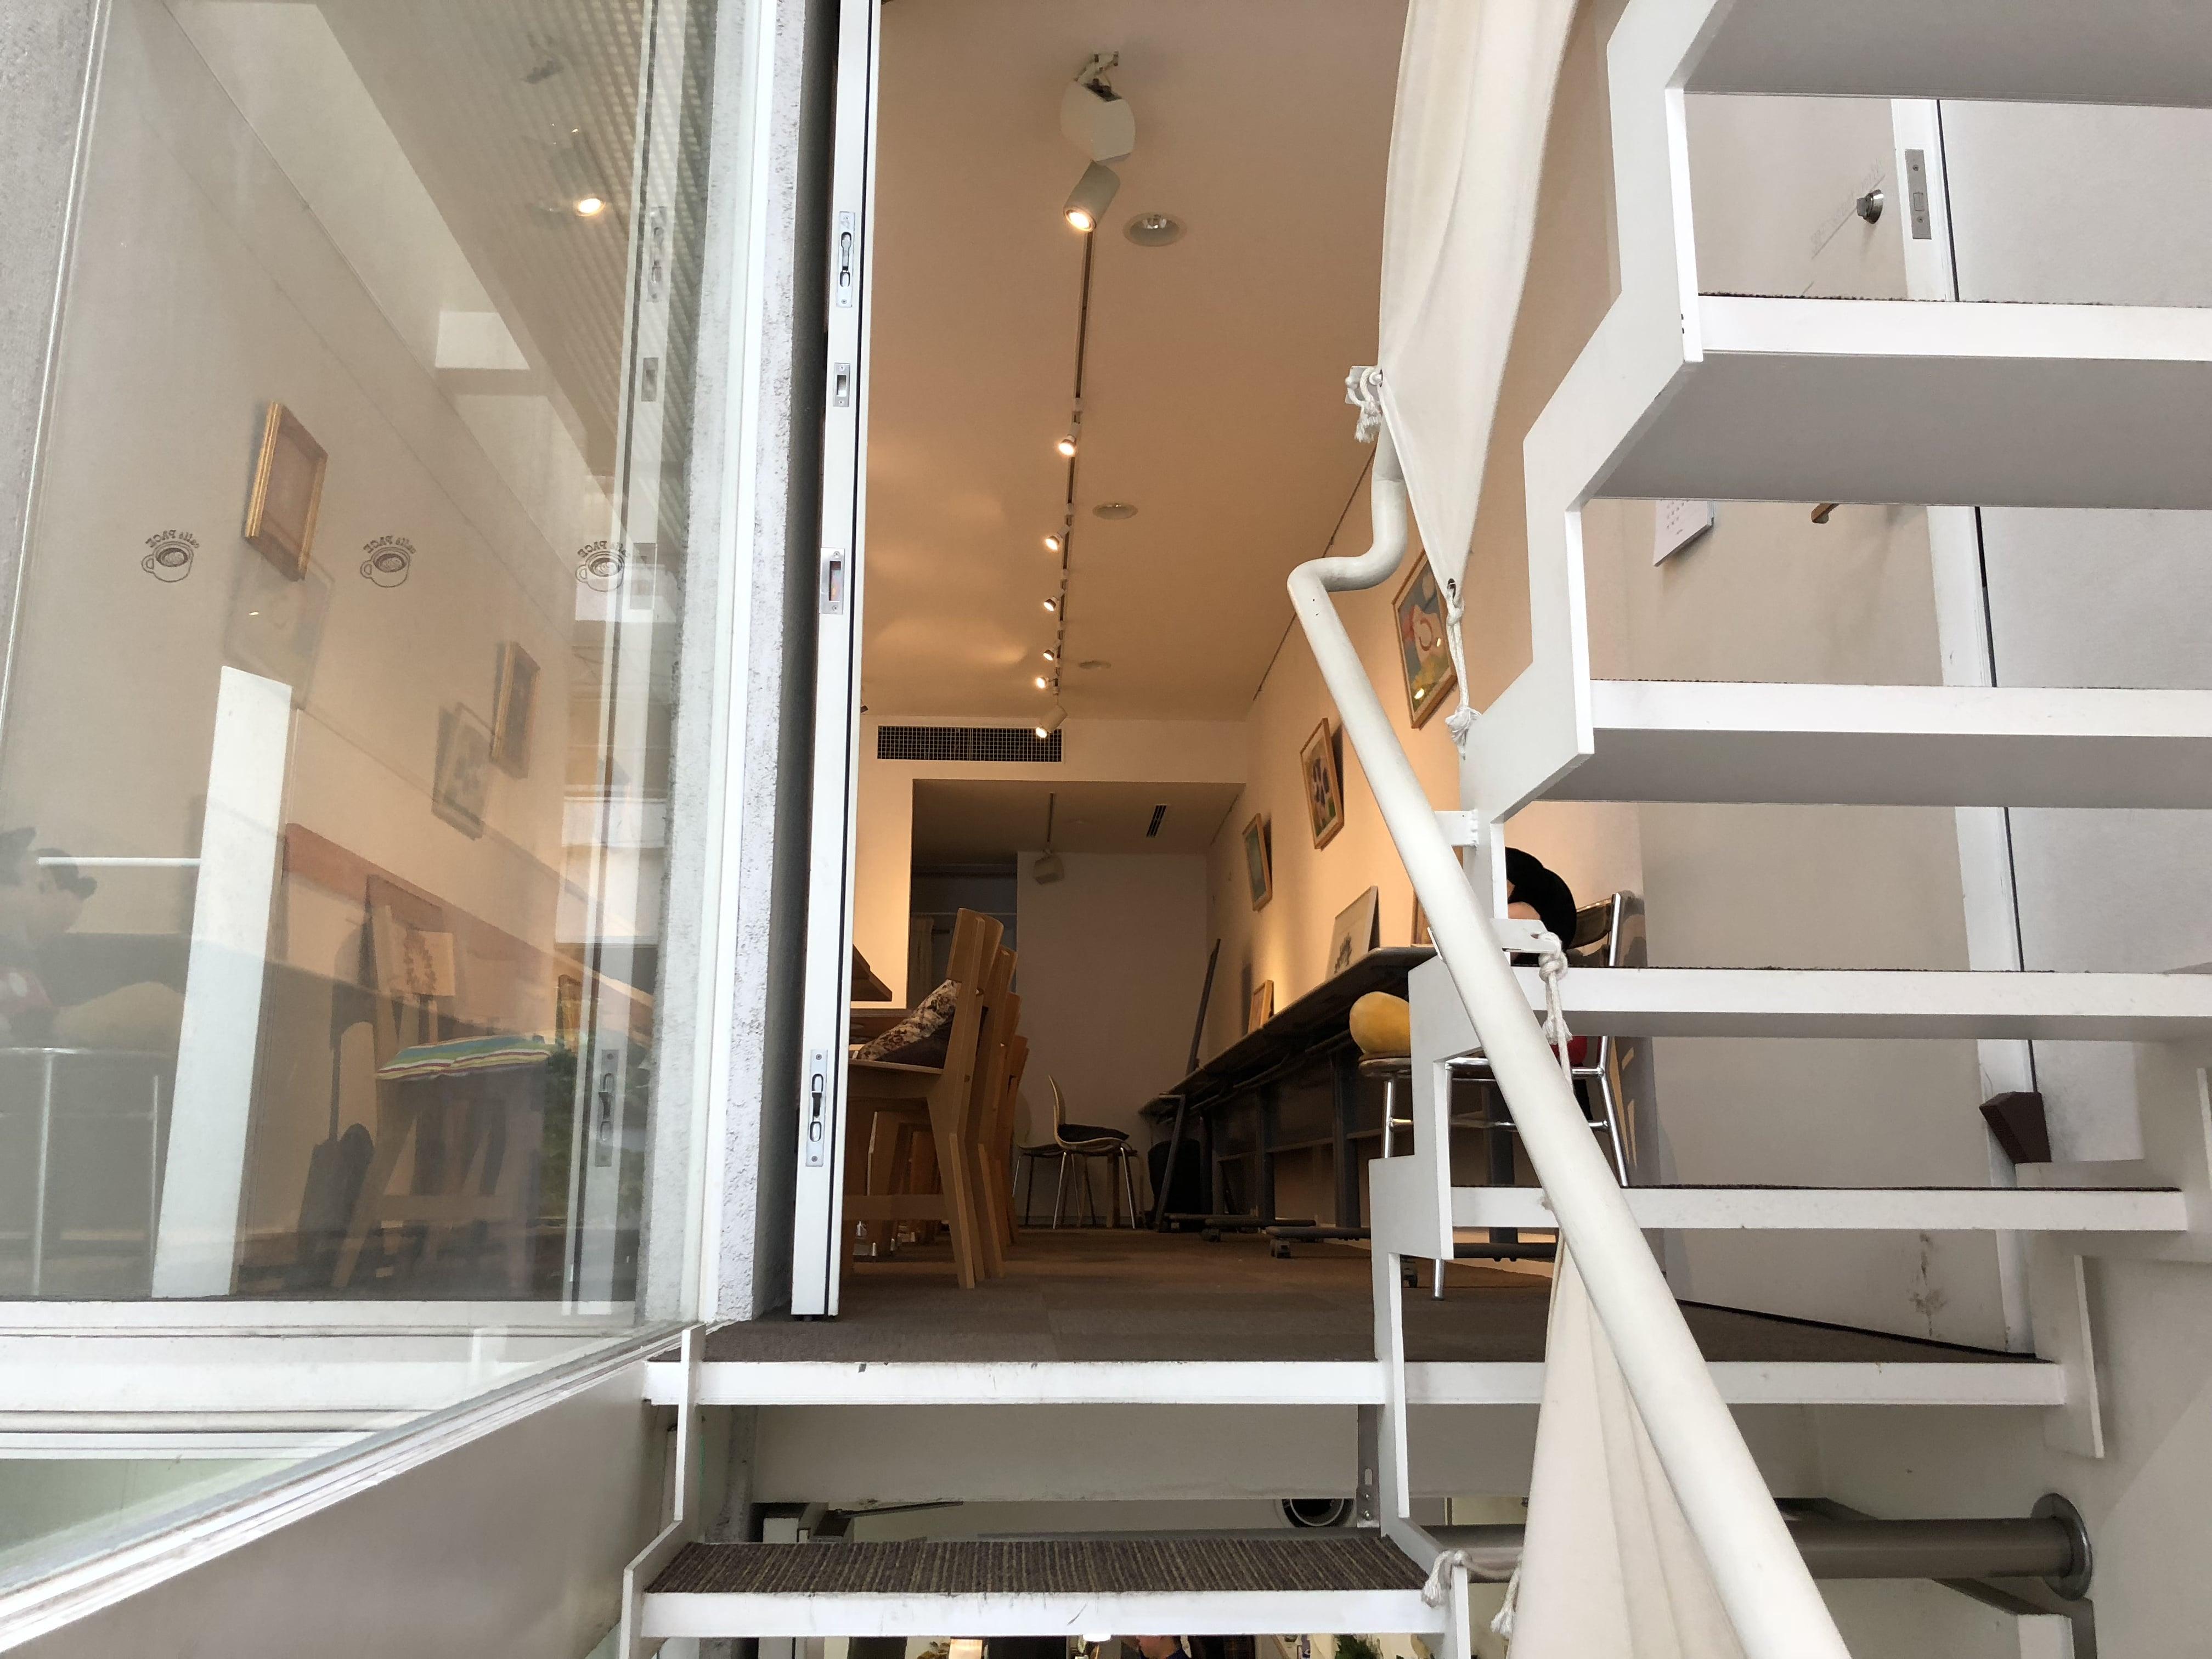 2階壁面ギャラリー【店頭払い専用】のイメージその2